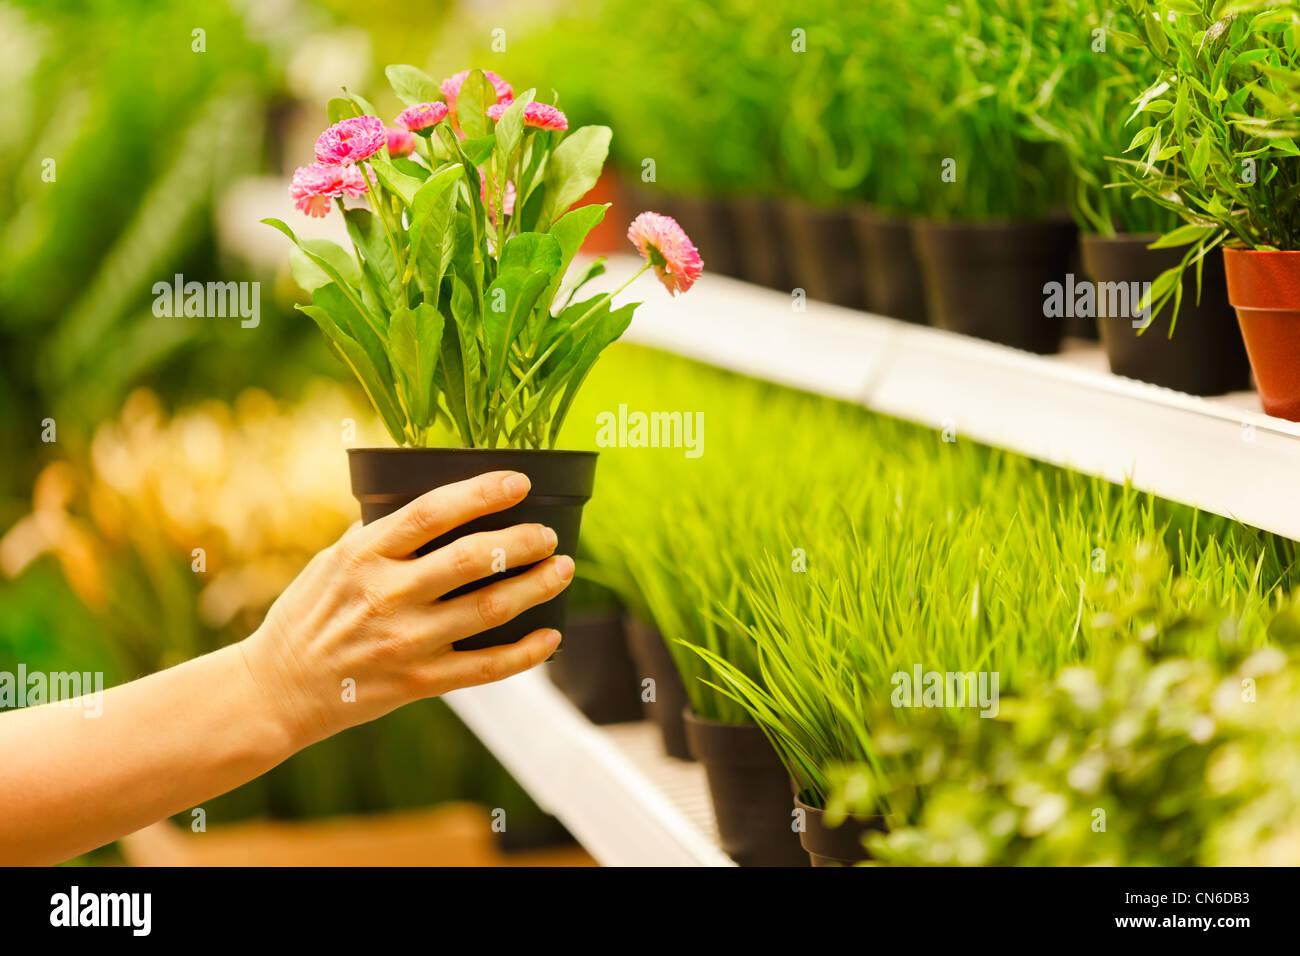 Primo piano sulle mani prendendo vasi di fiori da scaffale del negozio Immagini Stock